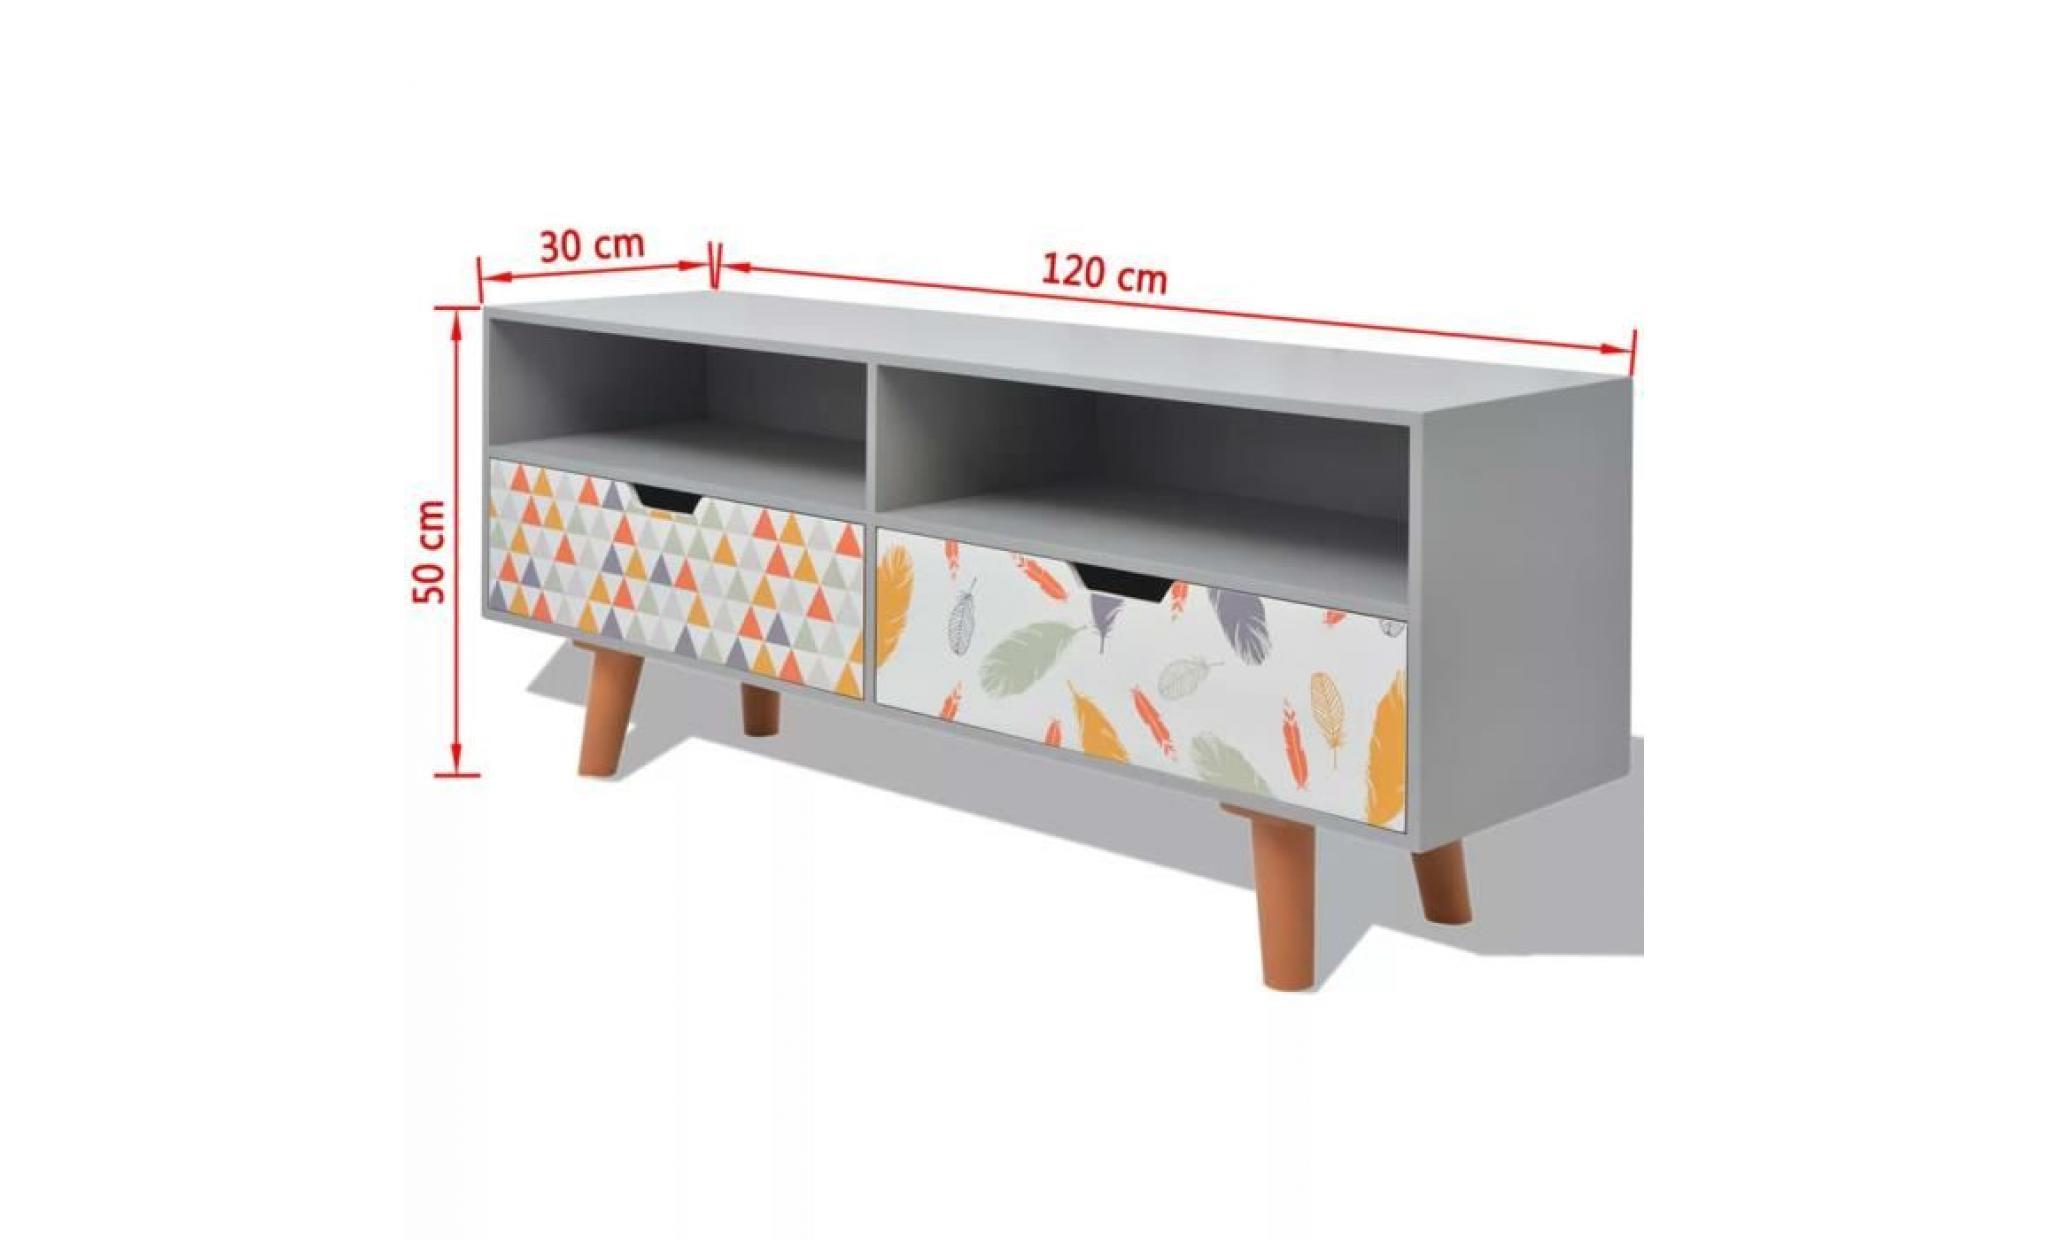 meuble tv meuble hifi meuble salon mdf 120 x 30 x 50 cm gris achat vente meuble tv pas cher couleur et design fr